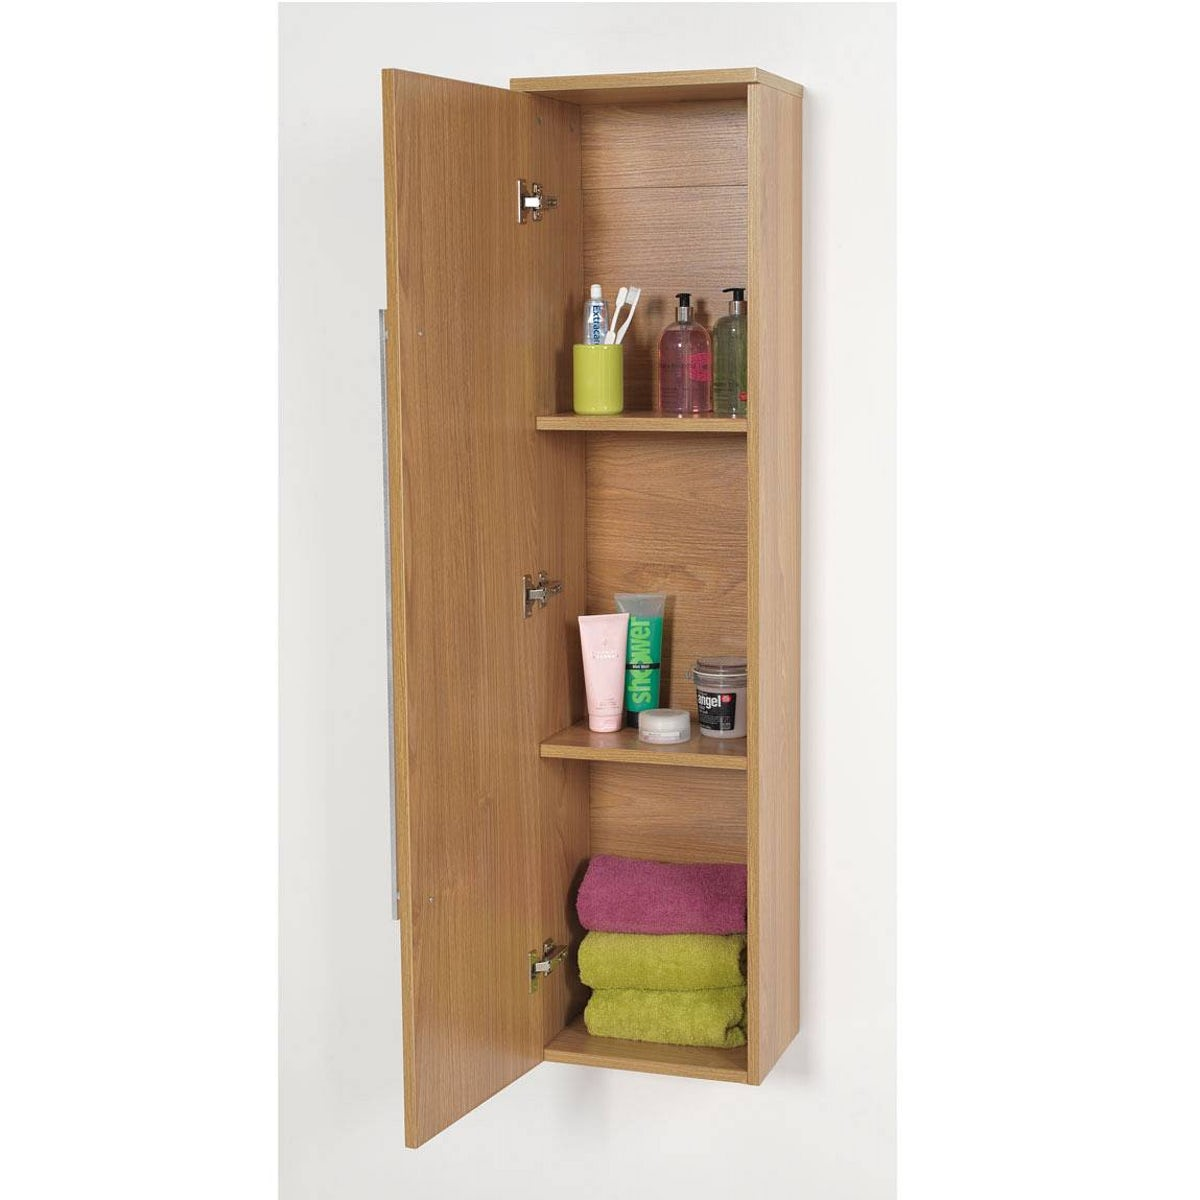 odessa oak wall cabinet special offer. Black Bedroom Furniture Sets. Home Design Ideas